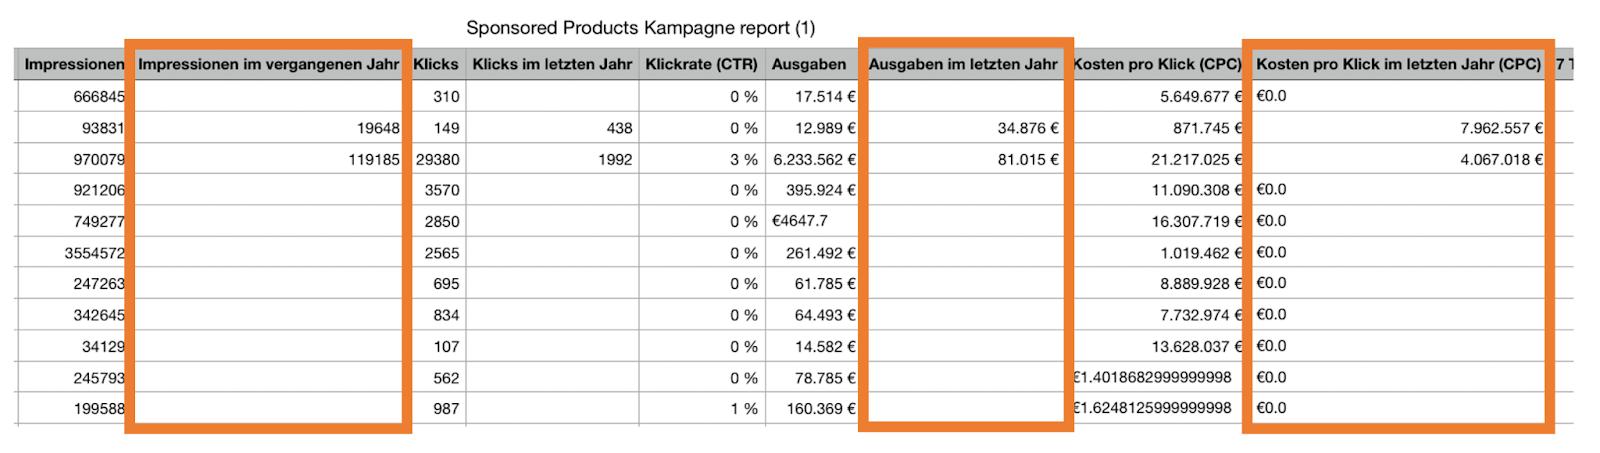 Sponsored Products Kampagnen Report mit neuen Spalten